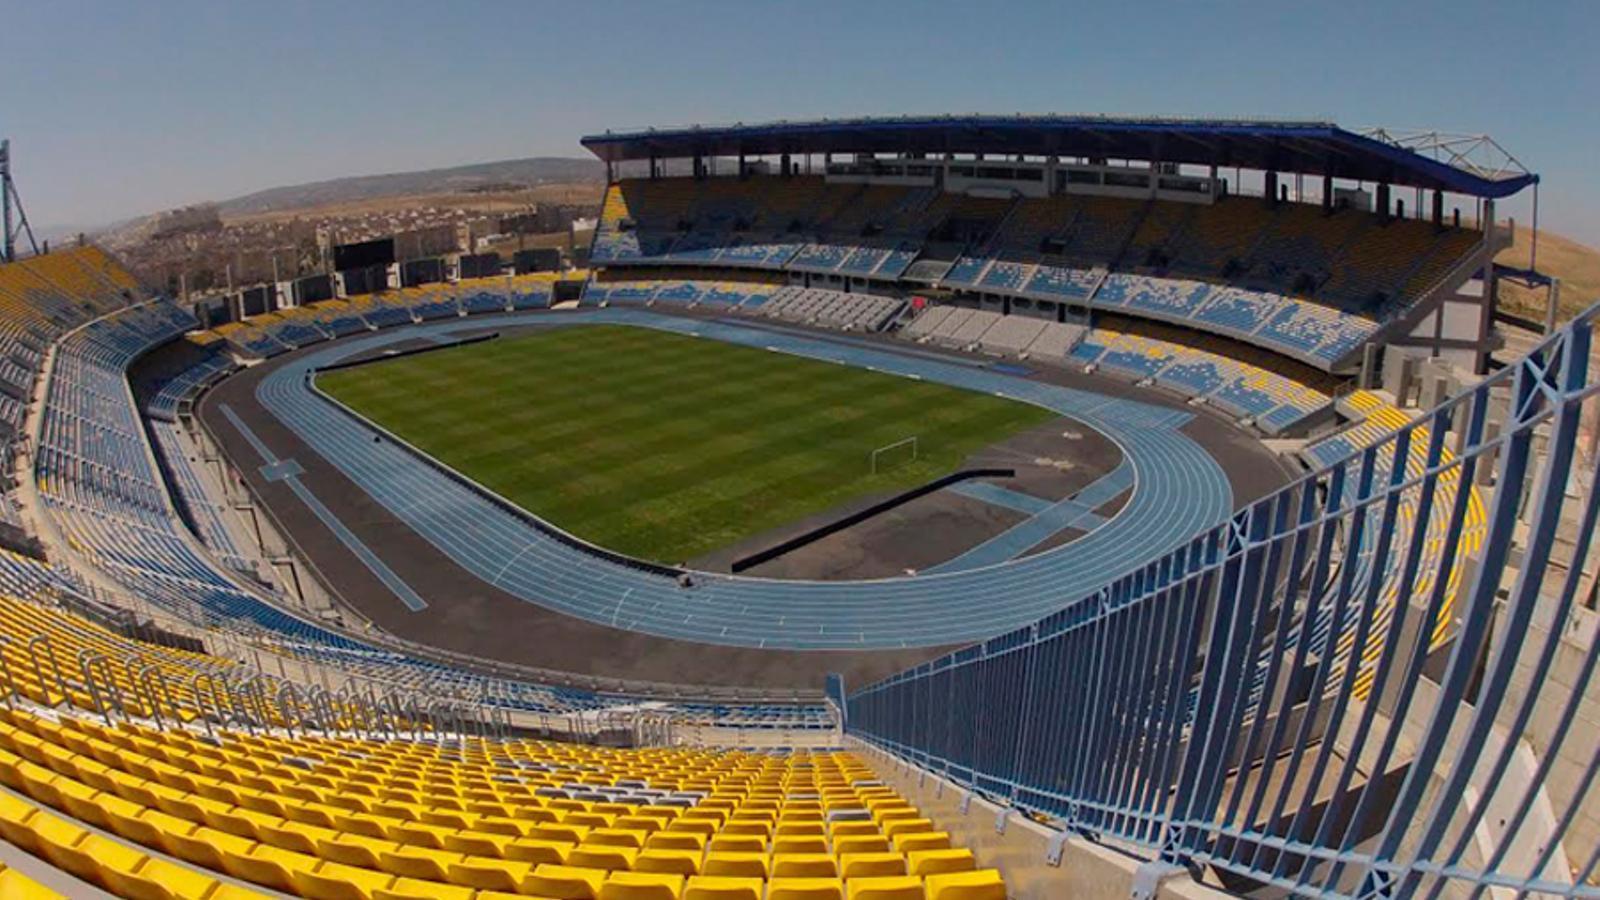 L'Stade Ibn Battouta acollirà el partit de la Supercopa d'Espanya